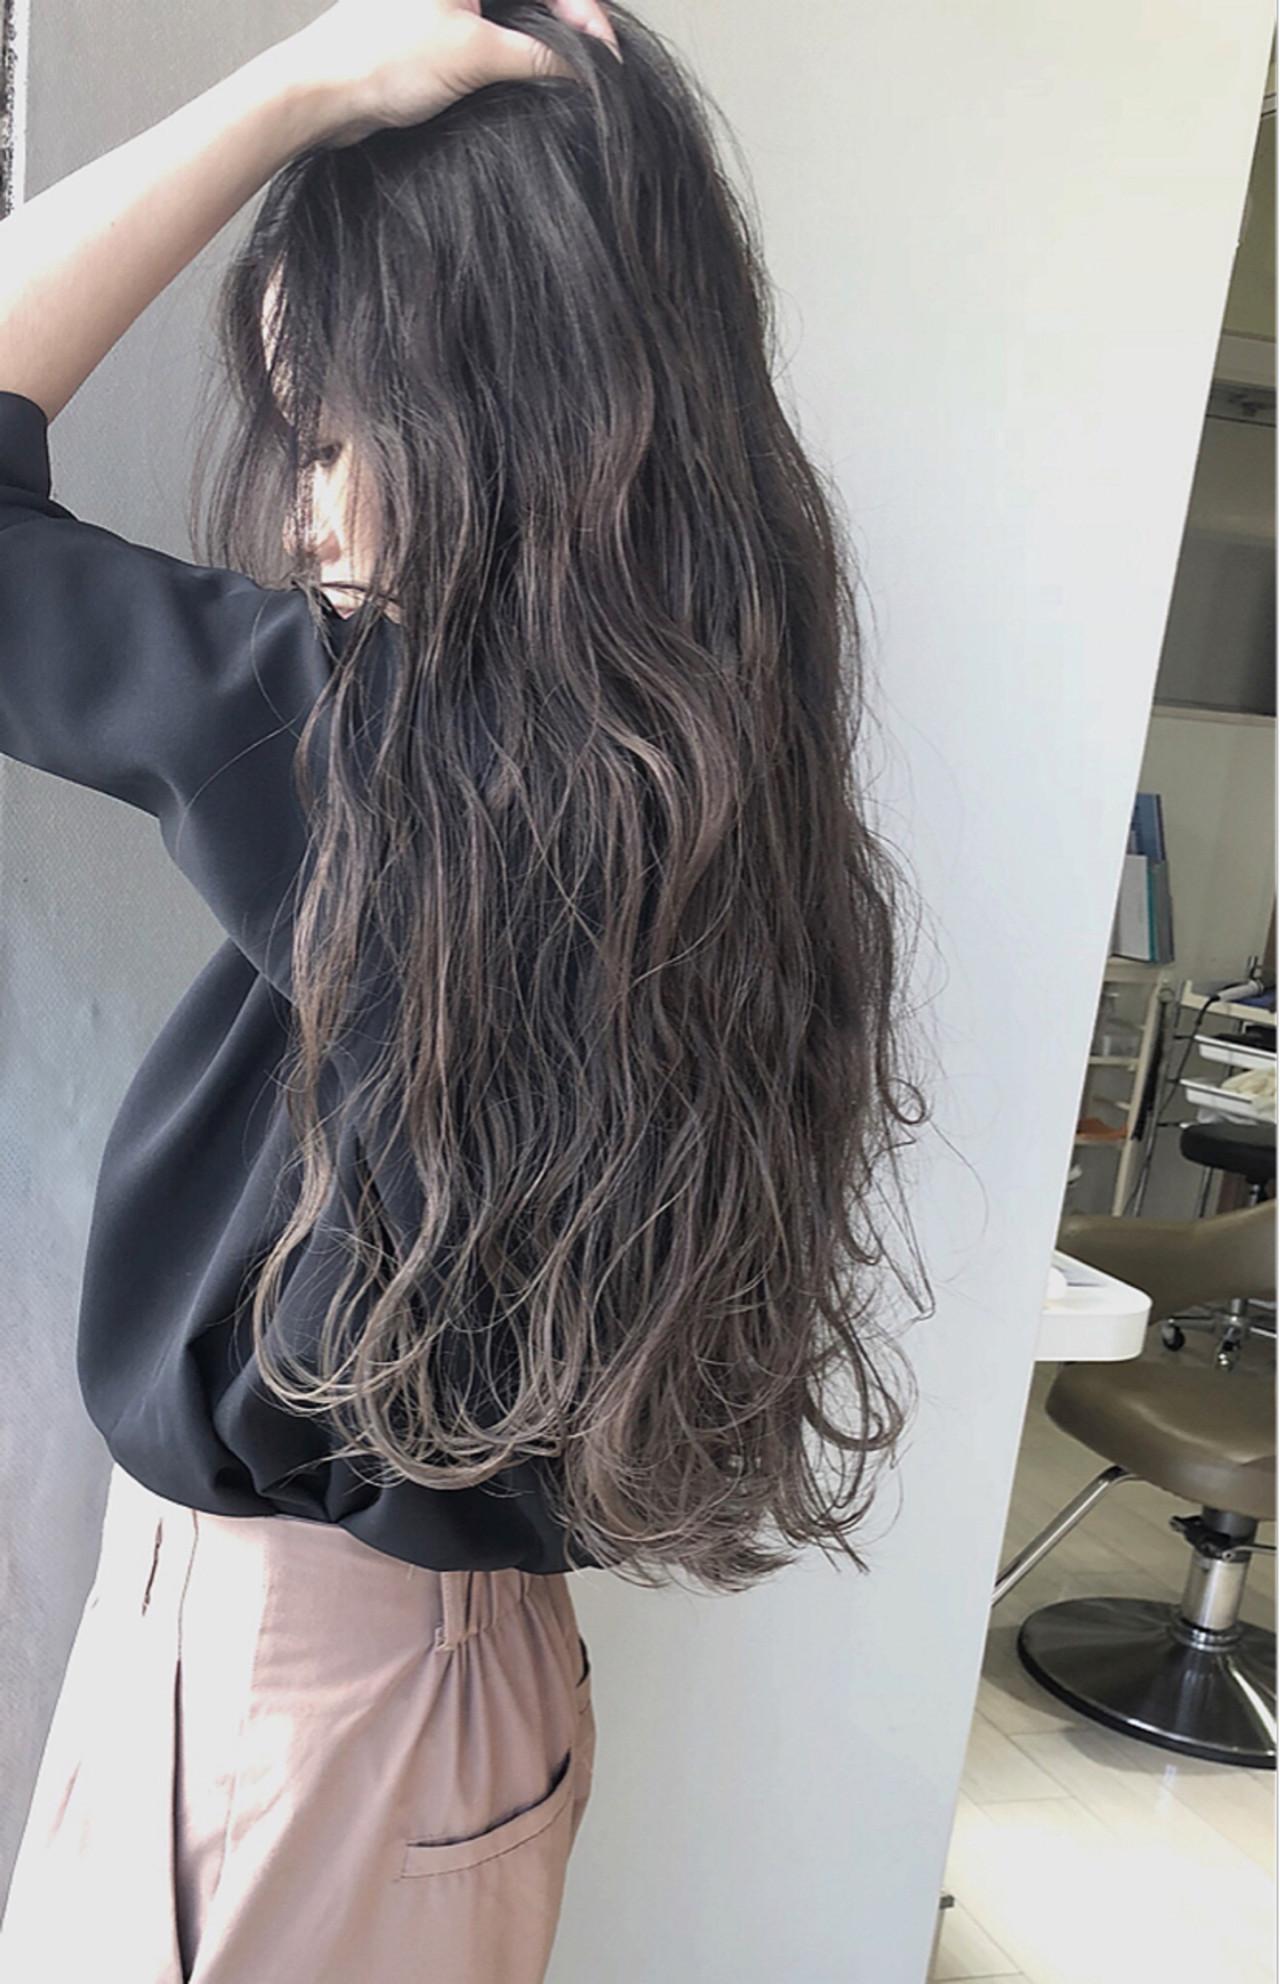 上品 ハイトーン 艶髪 ロング ヘアスタイルや髪型の写真・画像